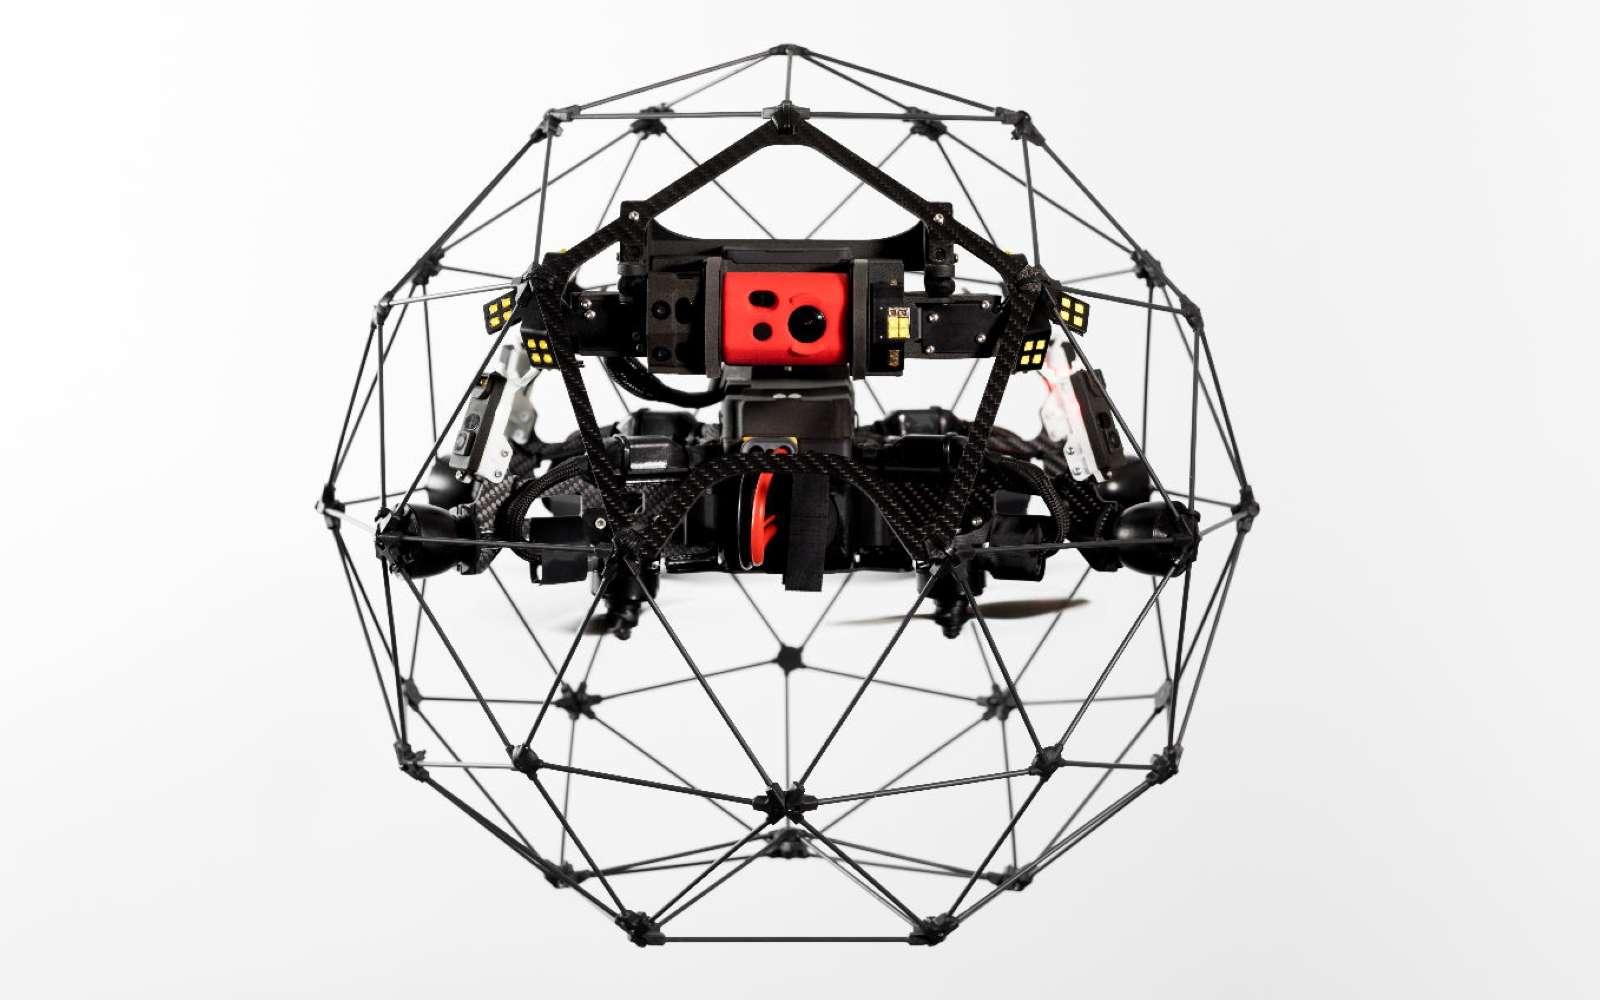 Le drone permet d'aller bien plus loin que les Hommes. C'est ainsi qu'Elios 2 a pu pénétrer au cœur du réacteur n° 5 de la centrale nucléaire de Tchernobyl à la recherche de déchets radioactifs. © Flyability